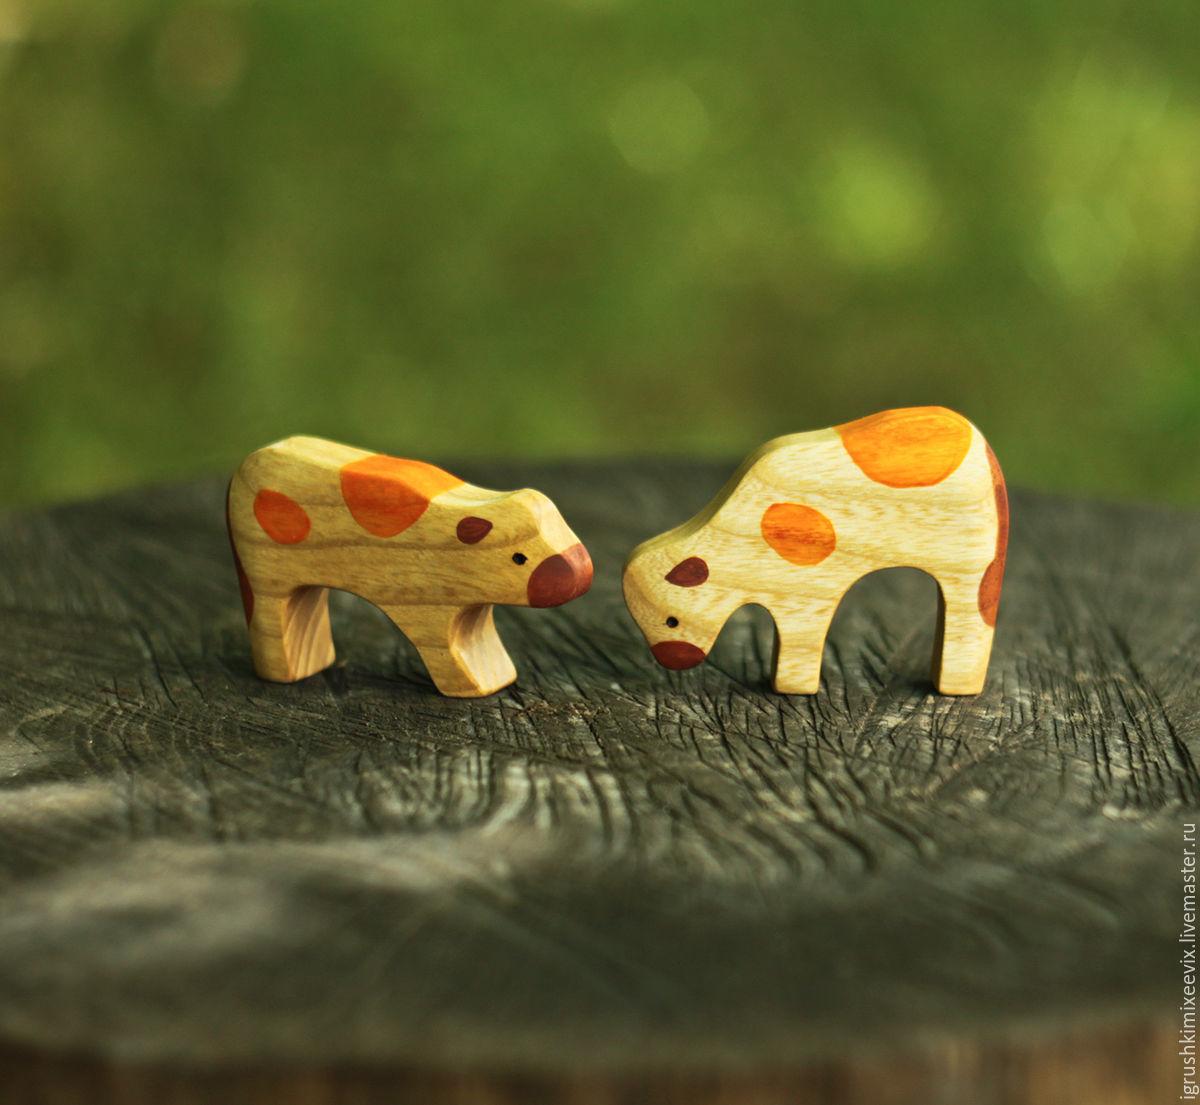 Игрушки животные, ручной работы. Ярмарка Мастеров - ручная работа. Купить Телята. Деревянные игрушки. Handmade. Корова, деревянный